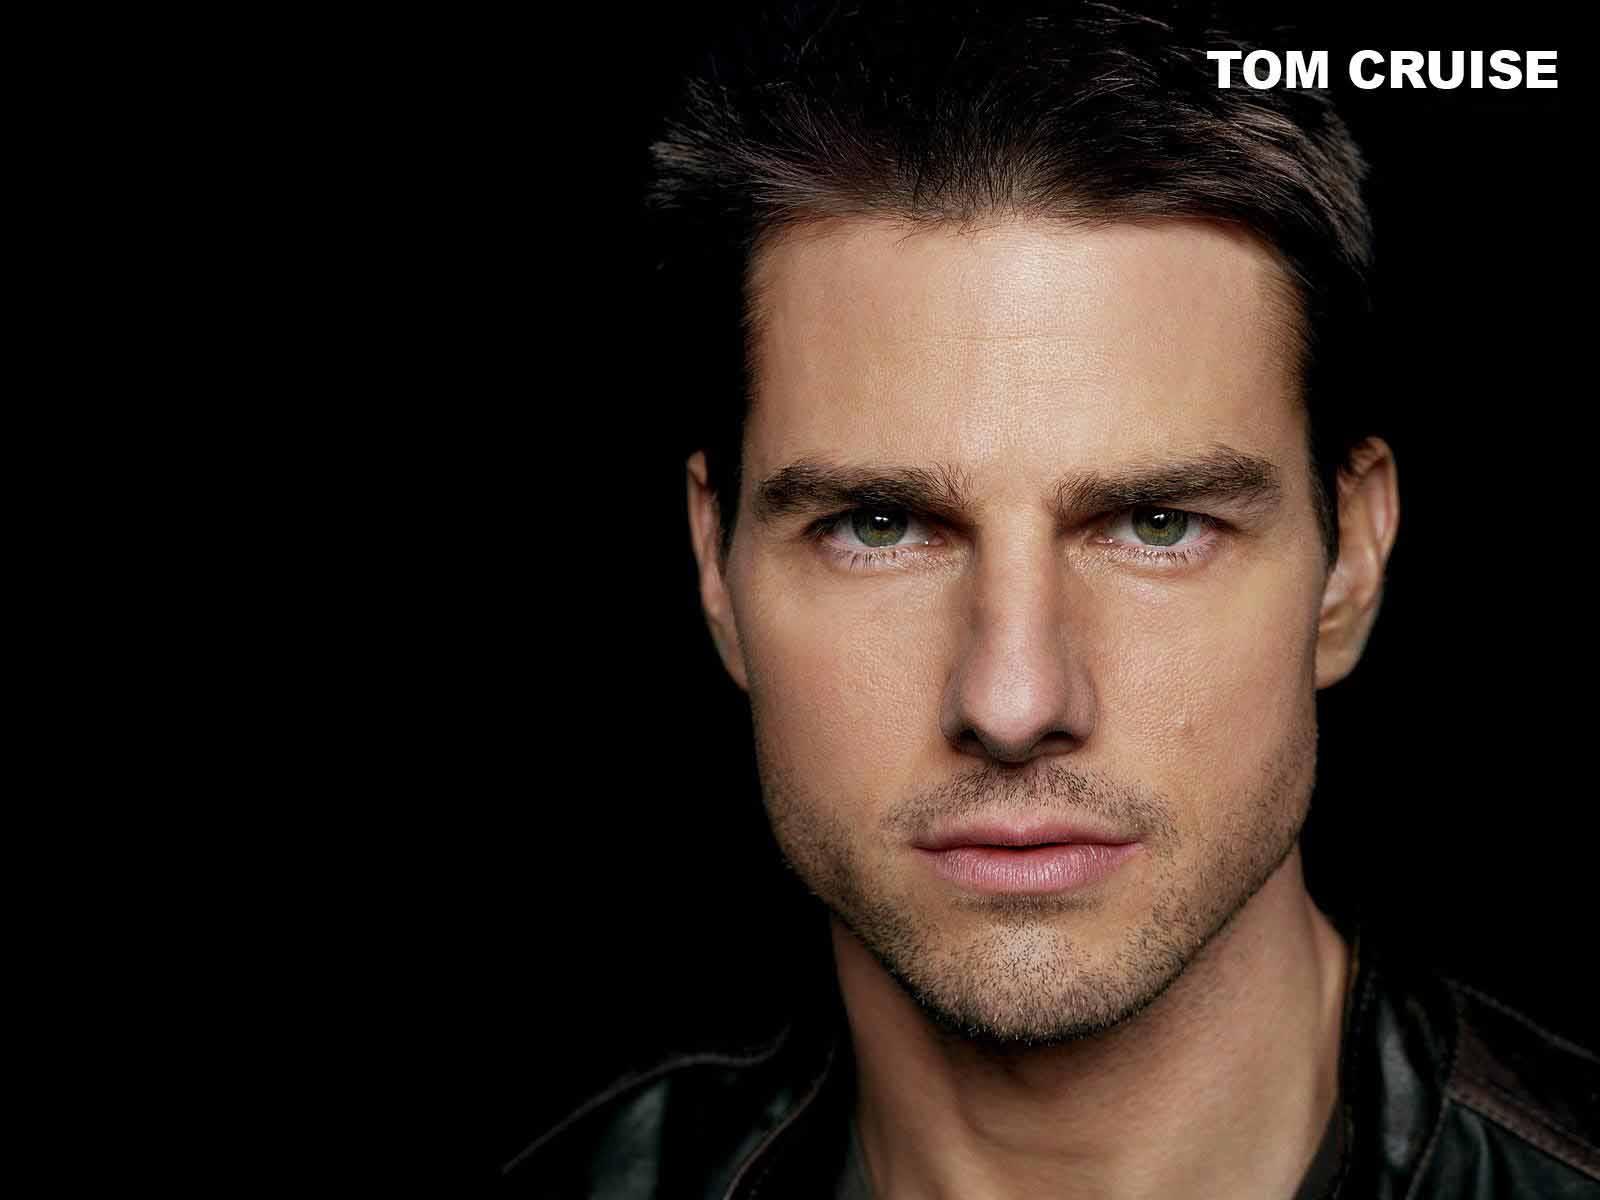 Tom Cruise Photoshop